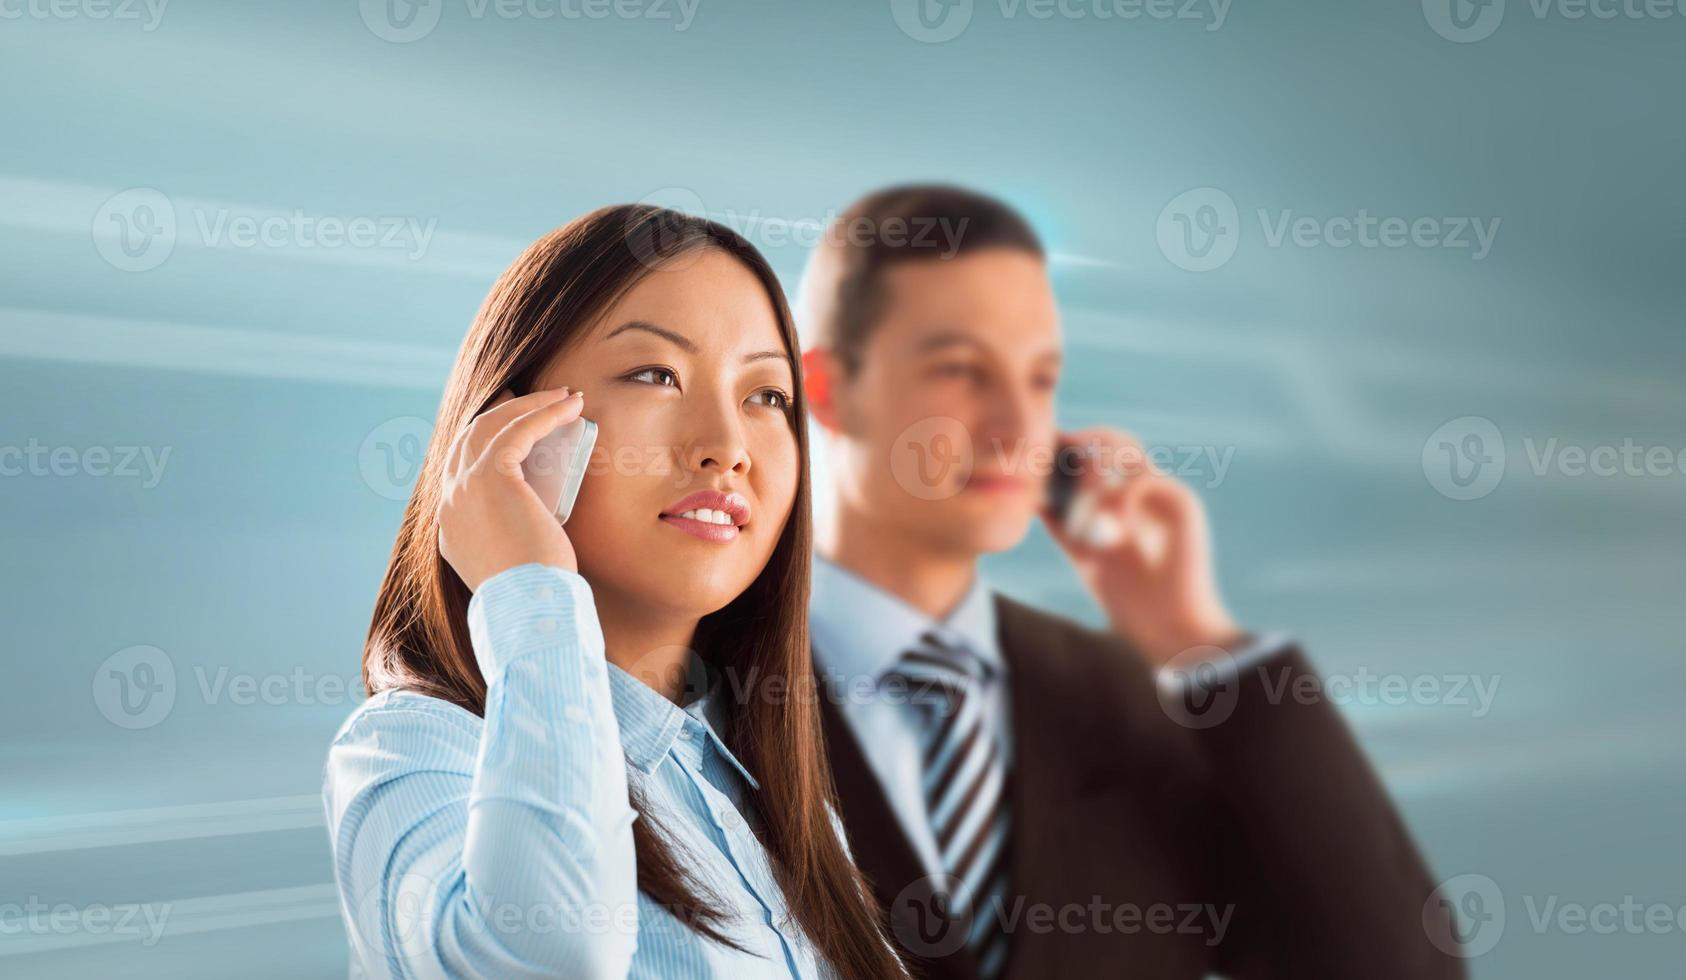 twee mensen uit het bedrijfsleven man en vrouw bij elkaar staan en praten foto